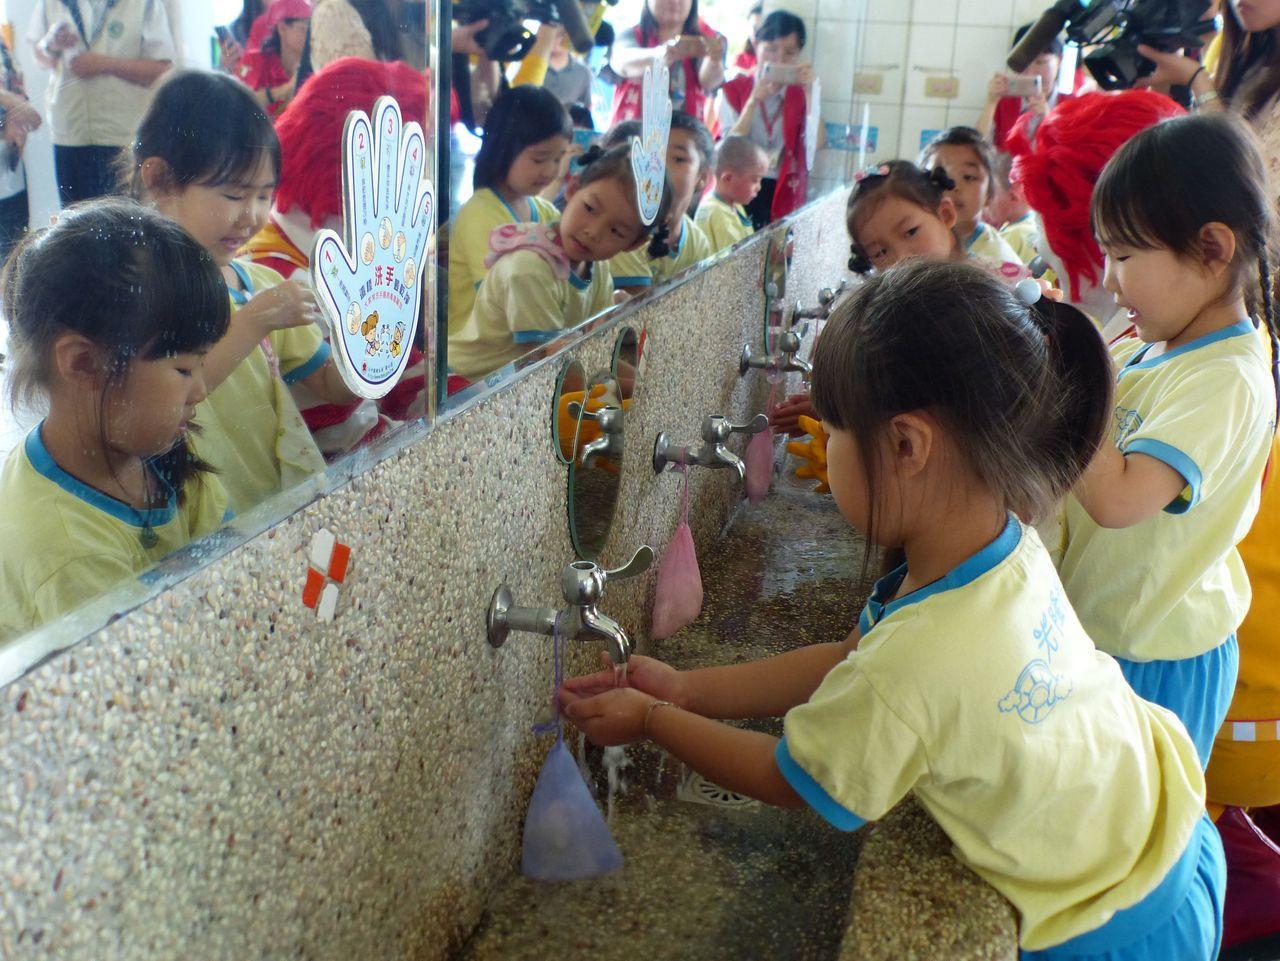 台中市衛生局提醒家長要做好勤洗手防疫,並且落實健康監測,感染者應在家休息至少7日...